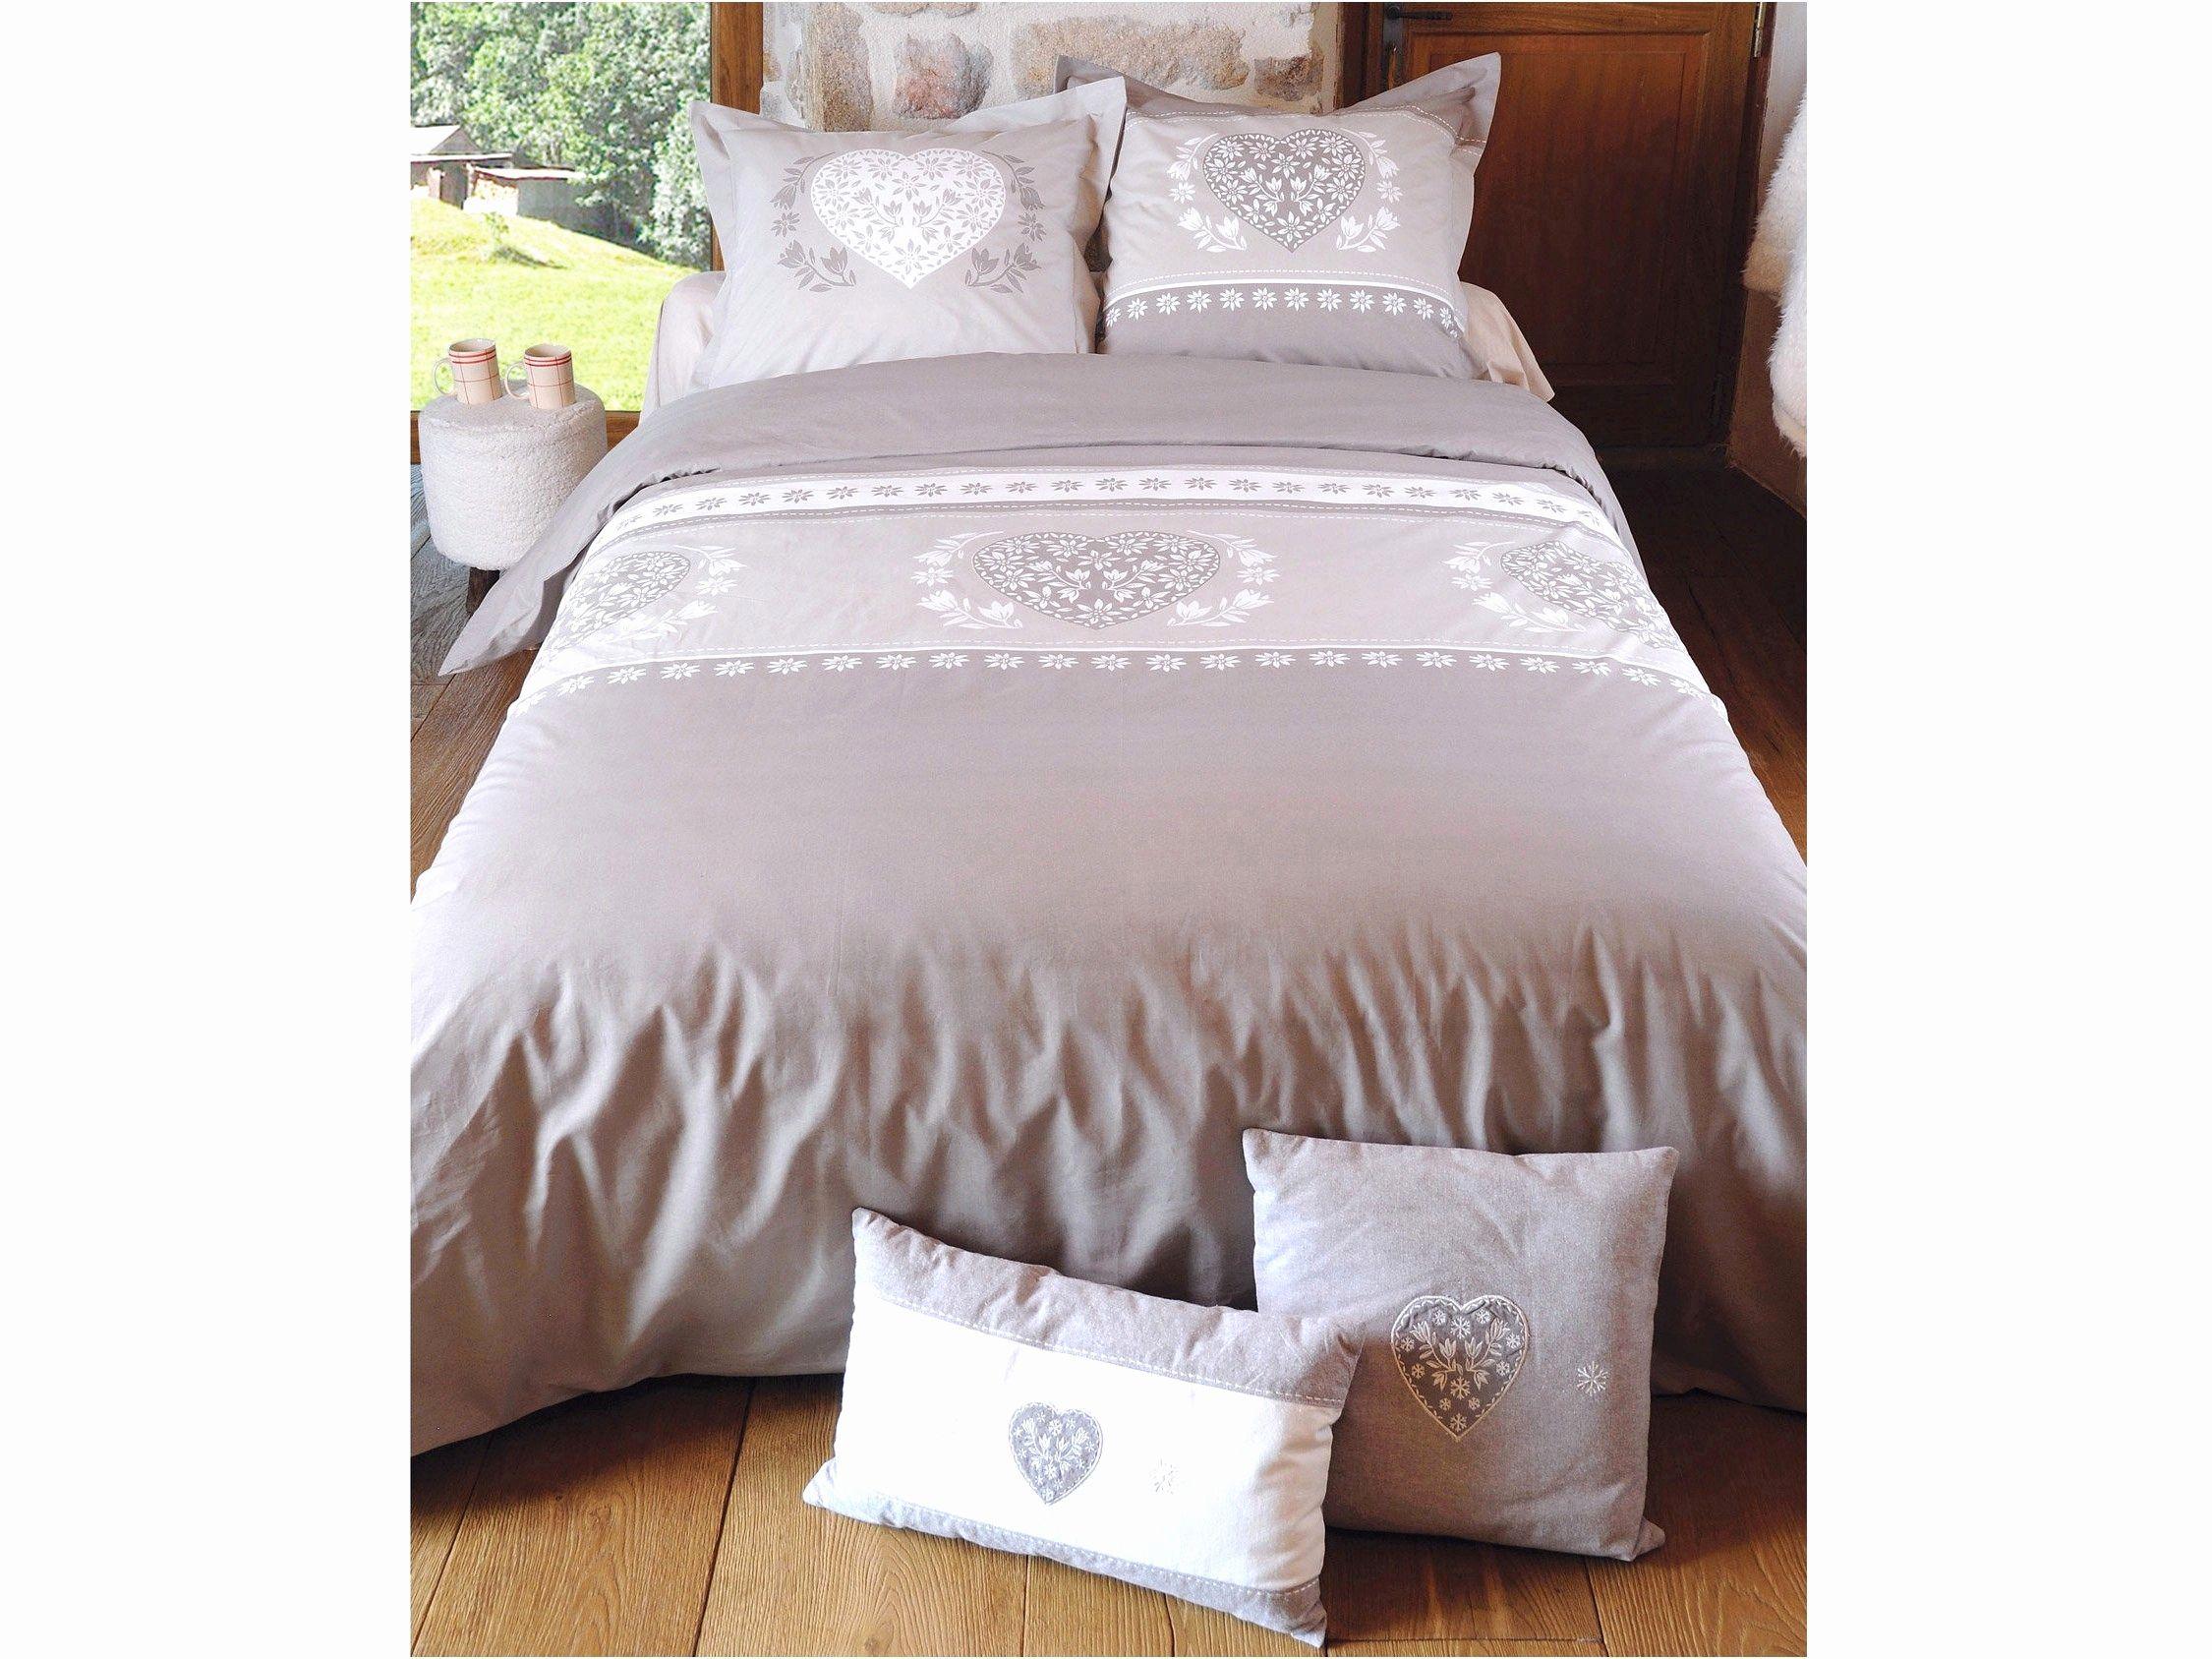 Housse De Couette 200x200 Housse De Couette 200x200 Housse De Couette 200x200 La Pagnie Du Blanc Les Housses De Couette 200x Bed Pillows Home Decor Furniture